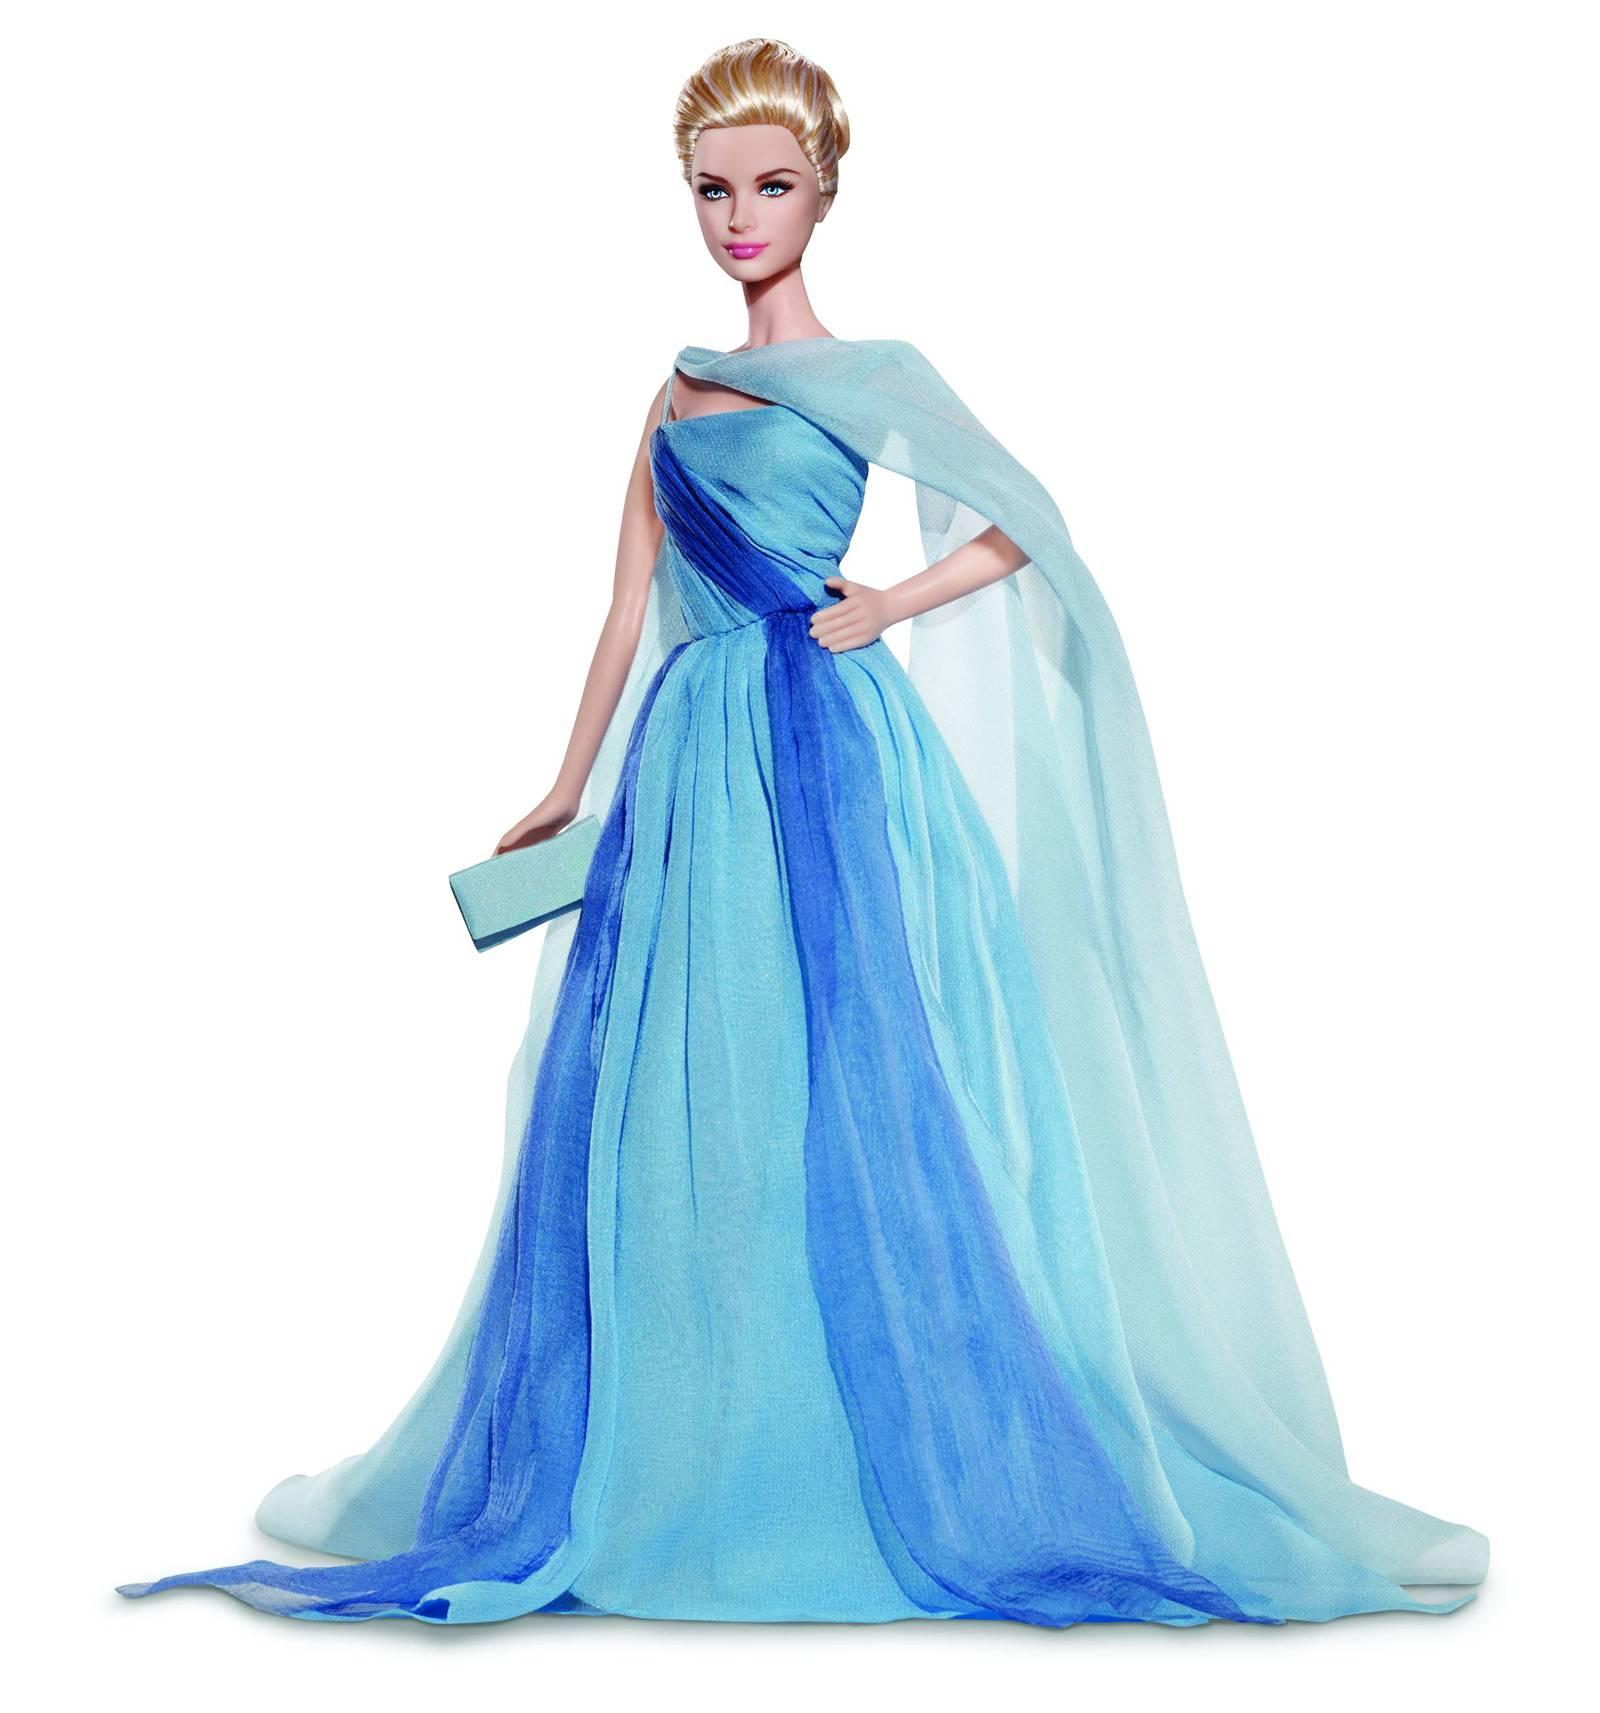 barbie wearing long dress wallpapers